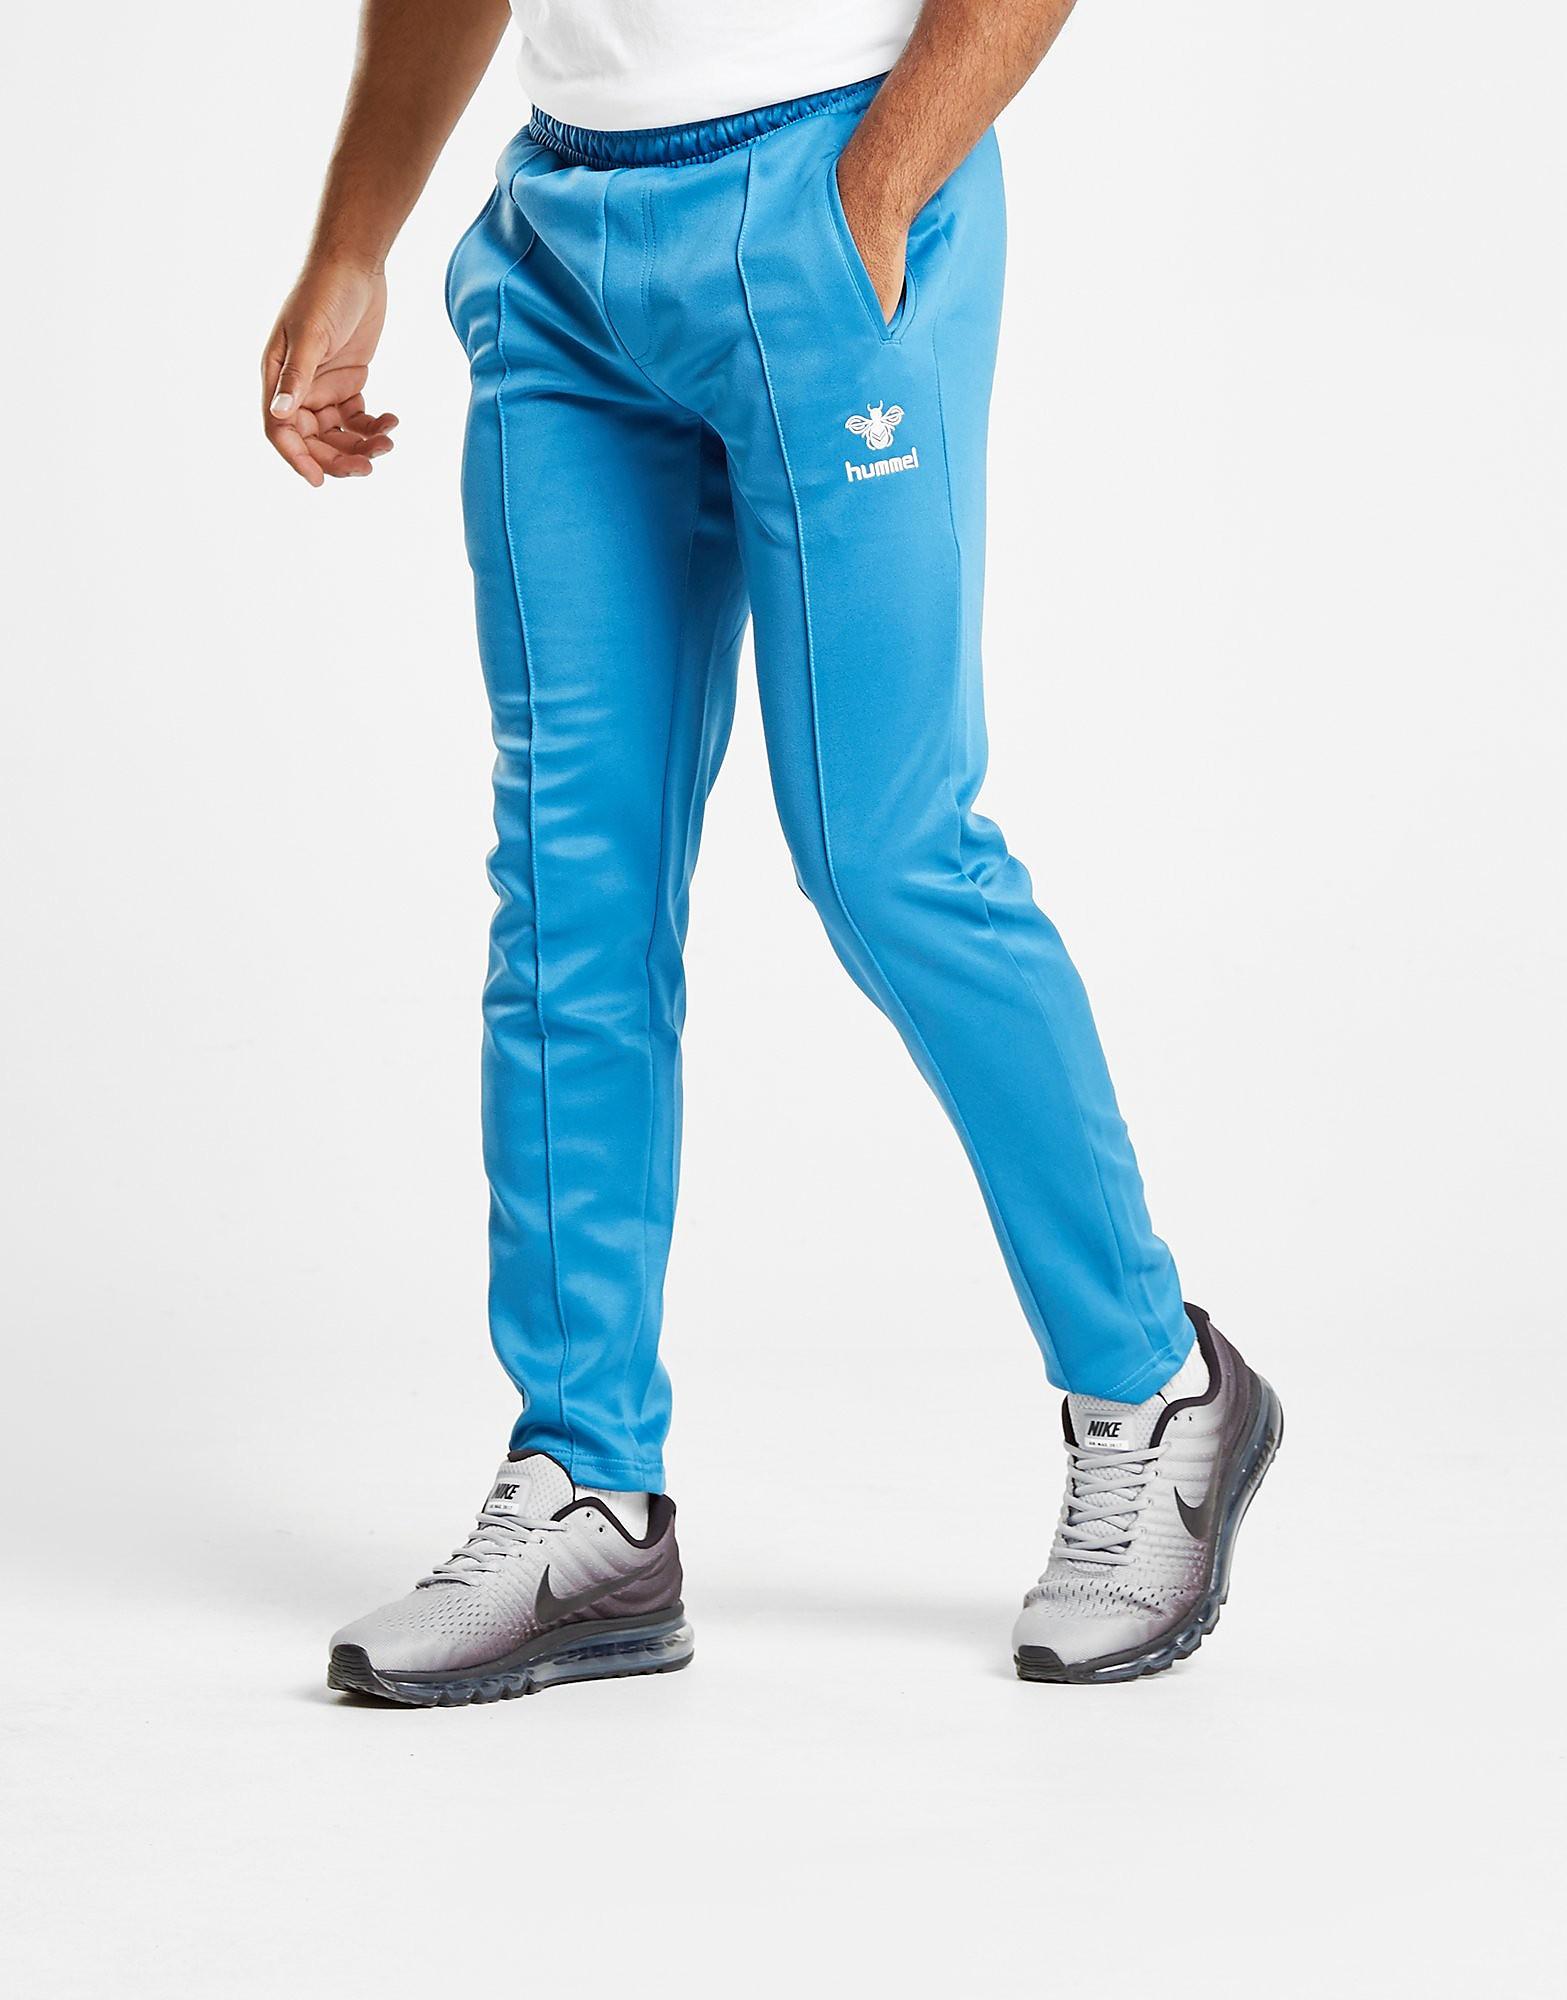 Hummel Off Field Slim Track Pants - Blauw - Heren